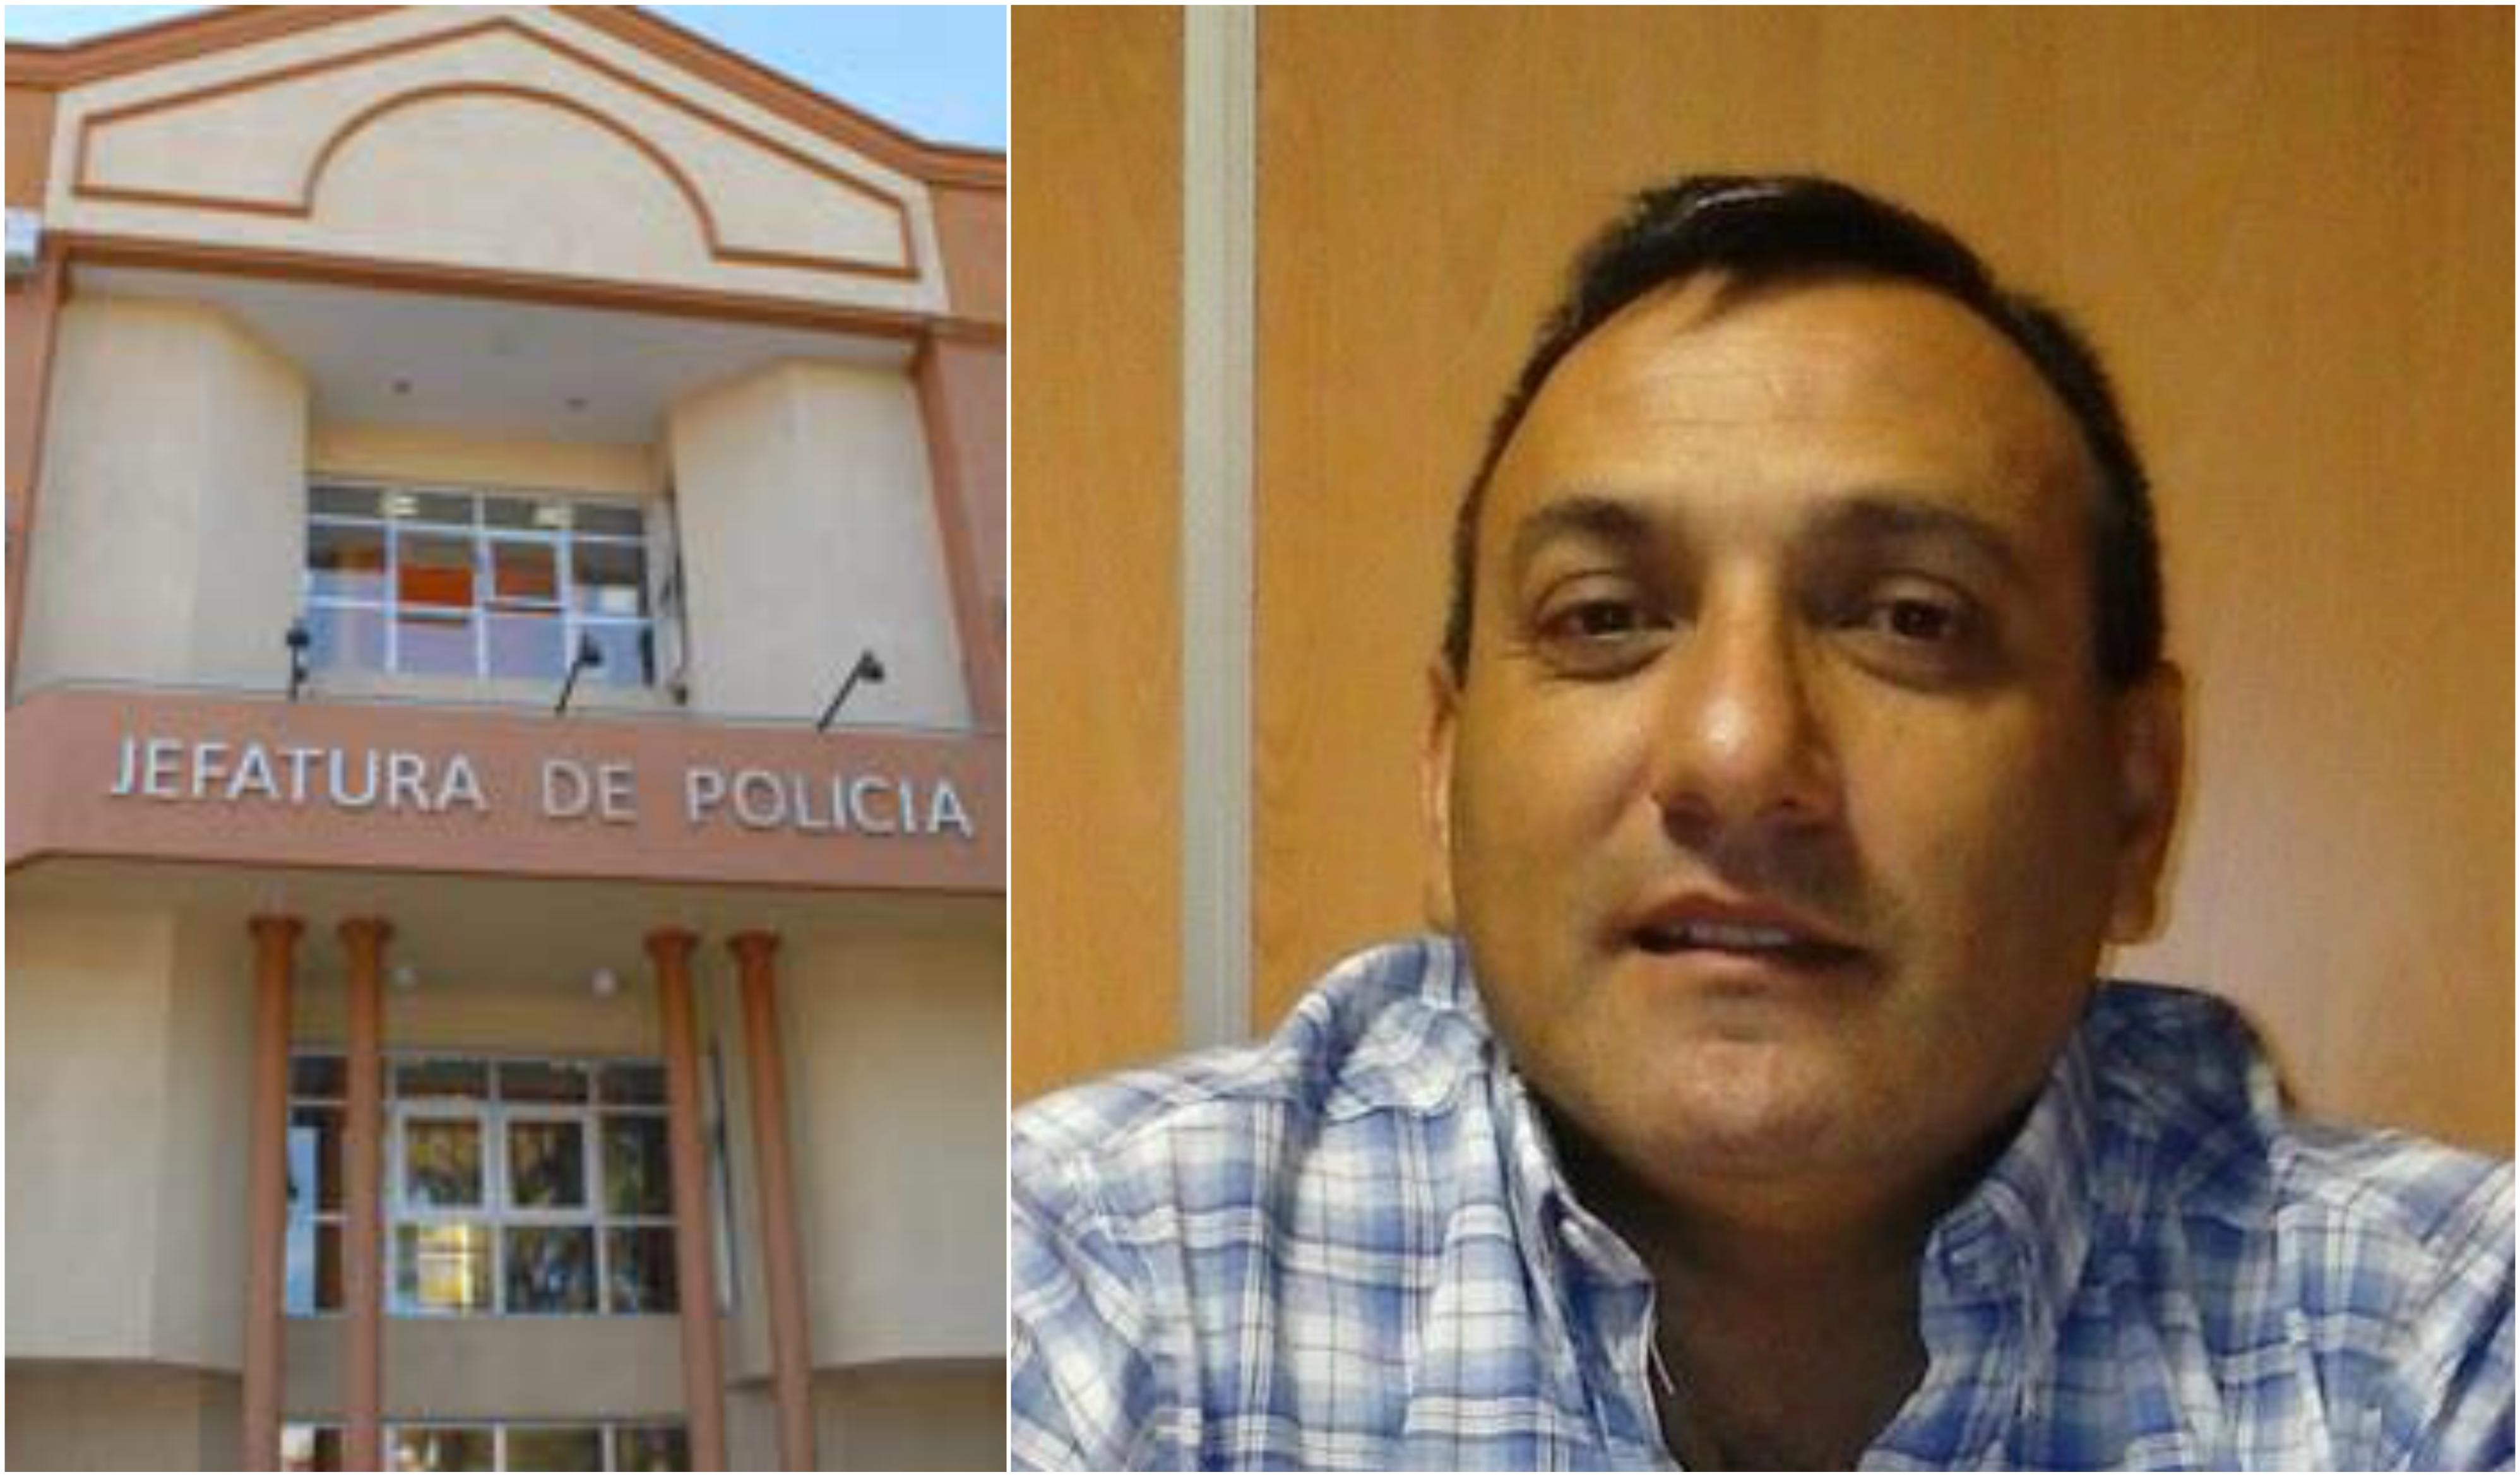 Descartan vínculos con el narcotráfico — Comisario detenido